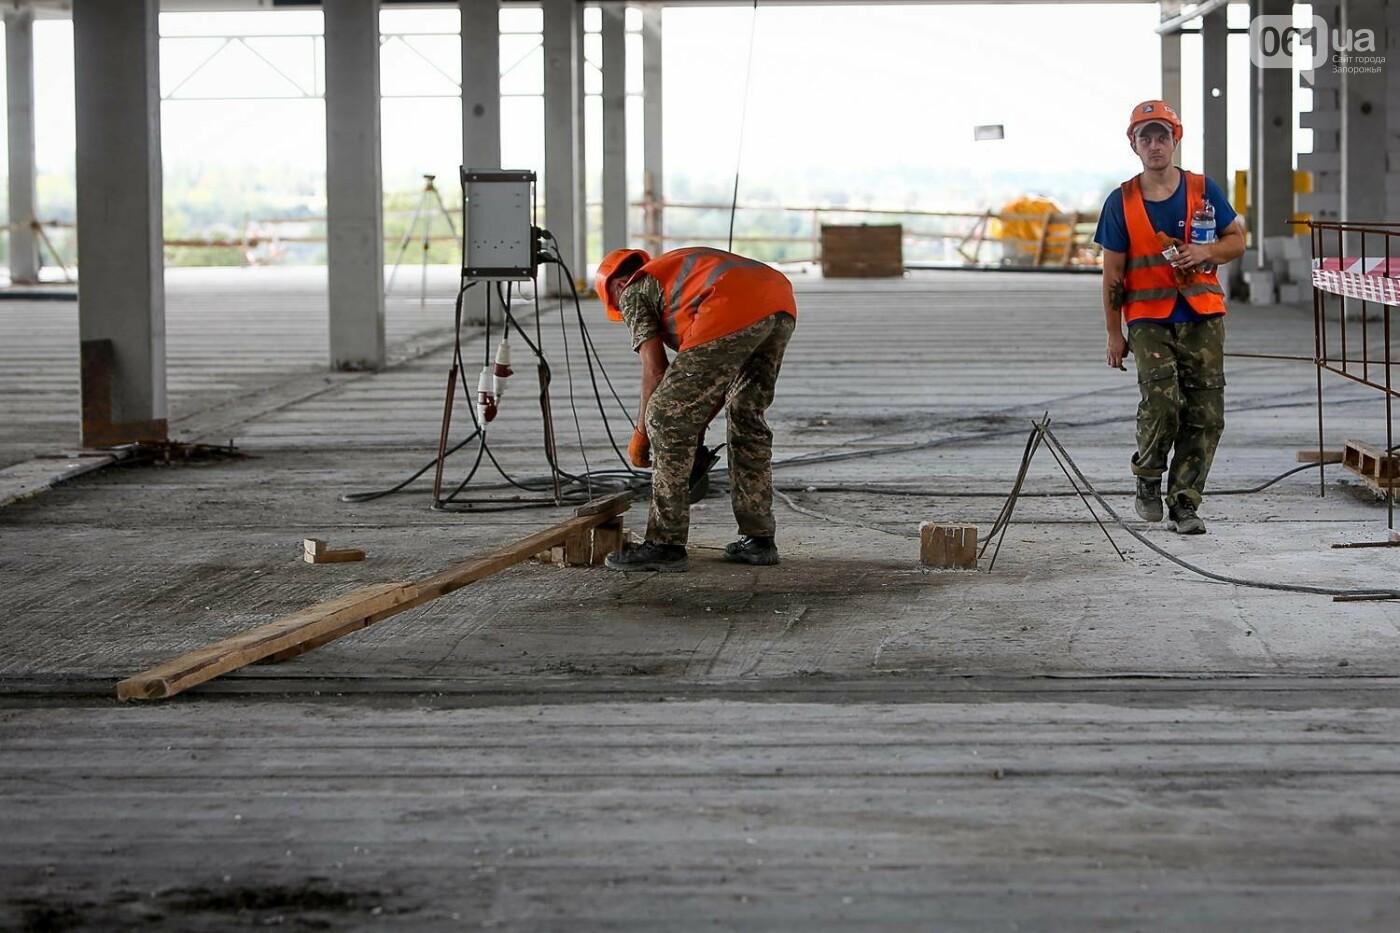 Строительство нового терминала запорожского аэропорта в фотографиях и цитатах, фото-31